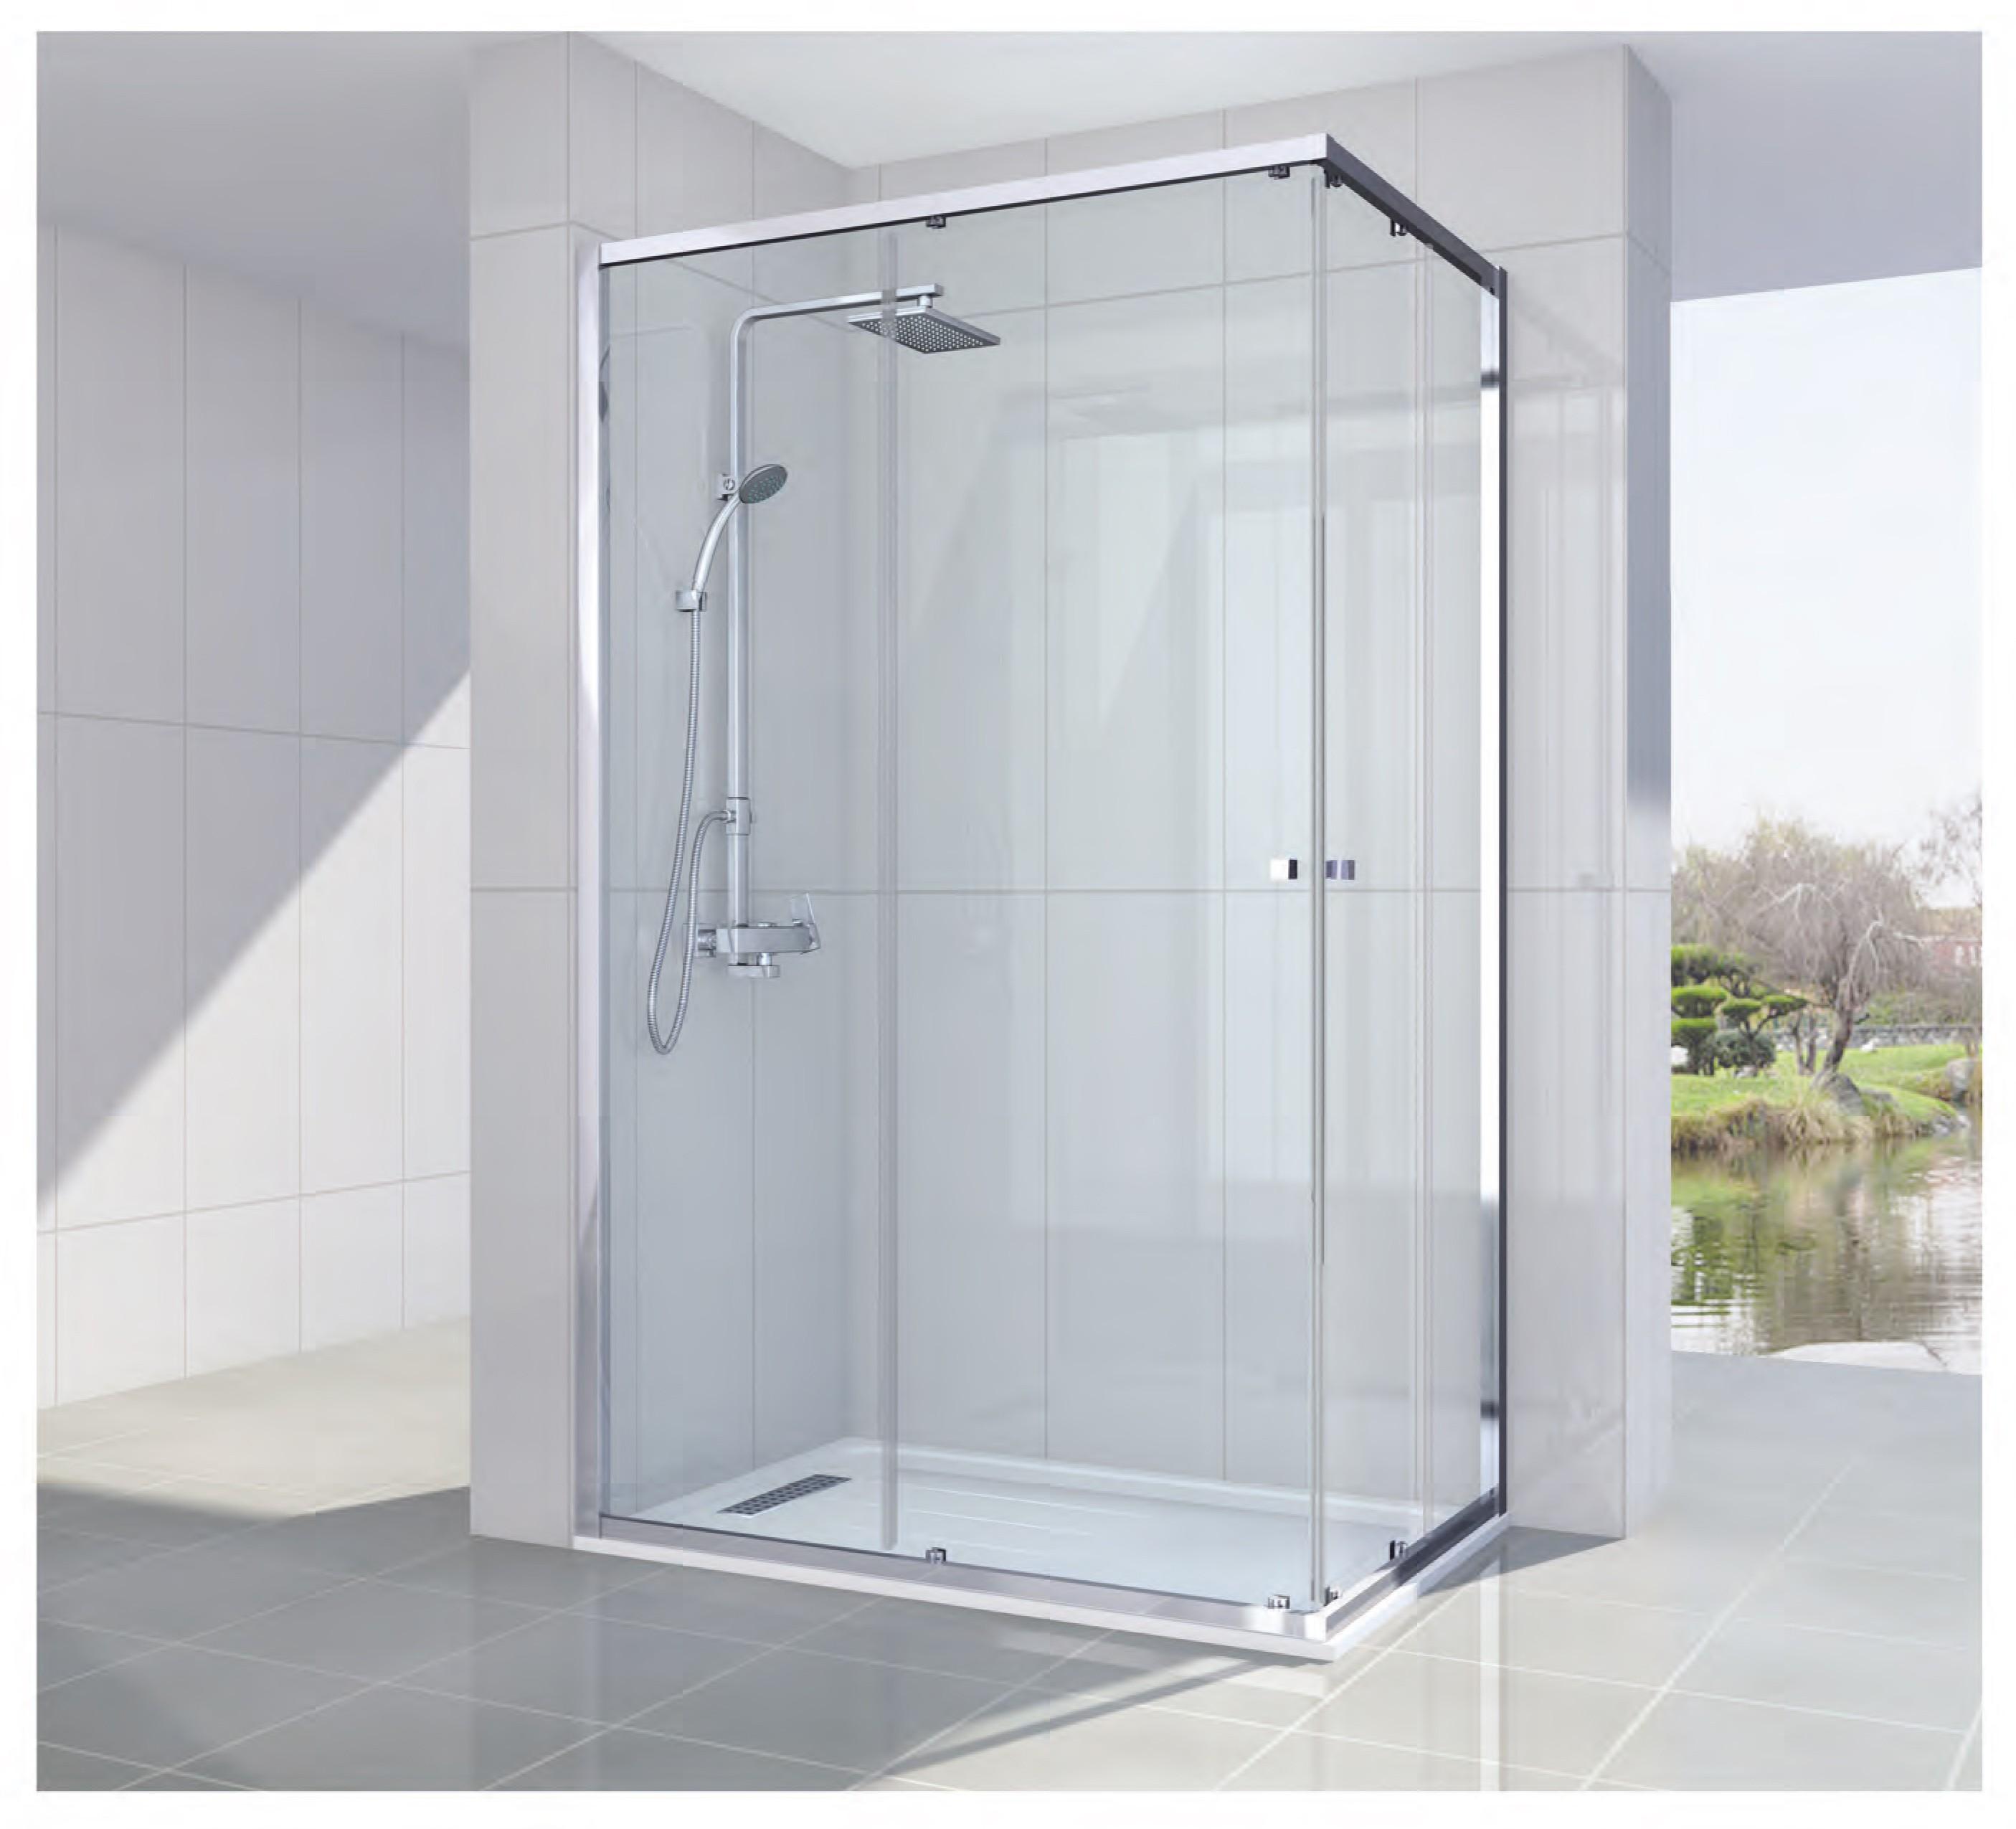 Mampara ducha 70 x 70 top cmac cmac cmac haga click para for Mampara ducha 70 x 90